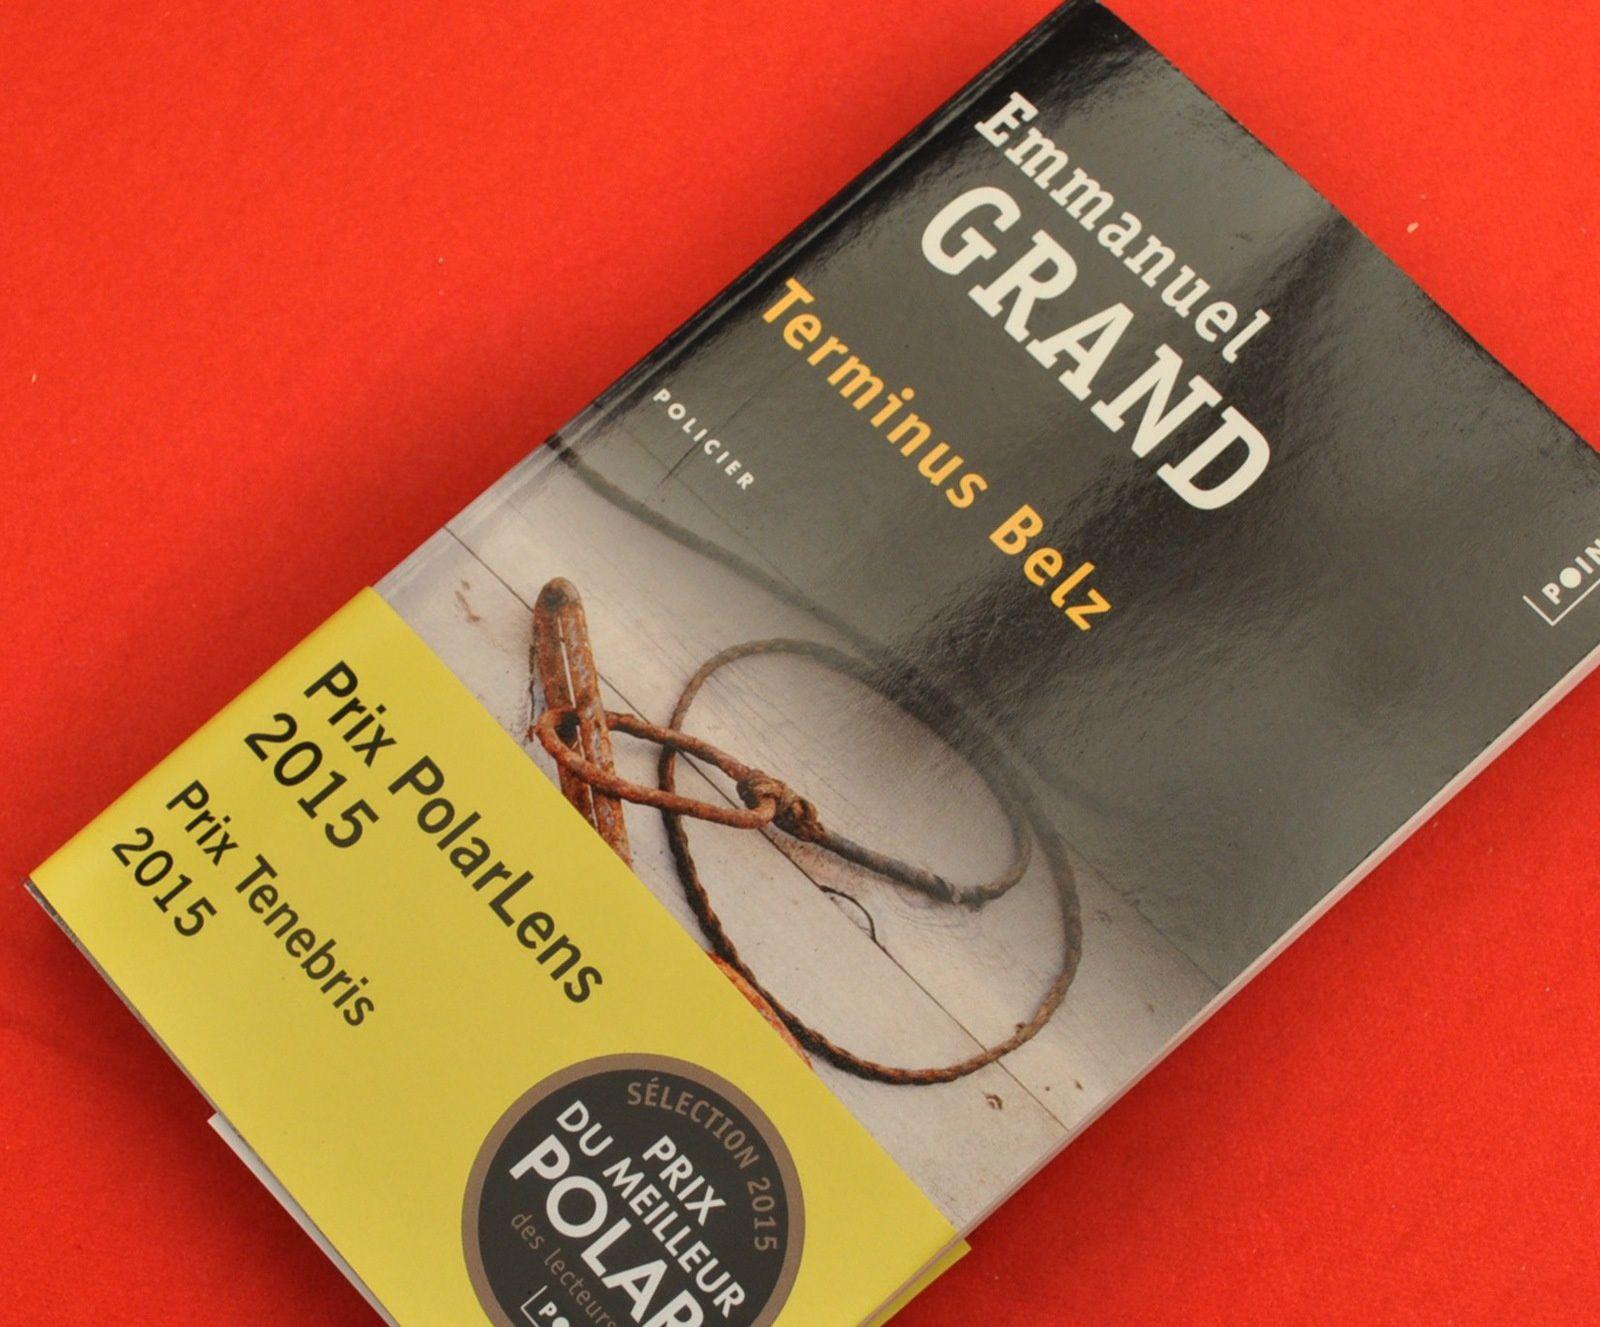 Le bandeau annonçant les prix que s'est mérité le roman !